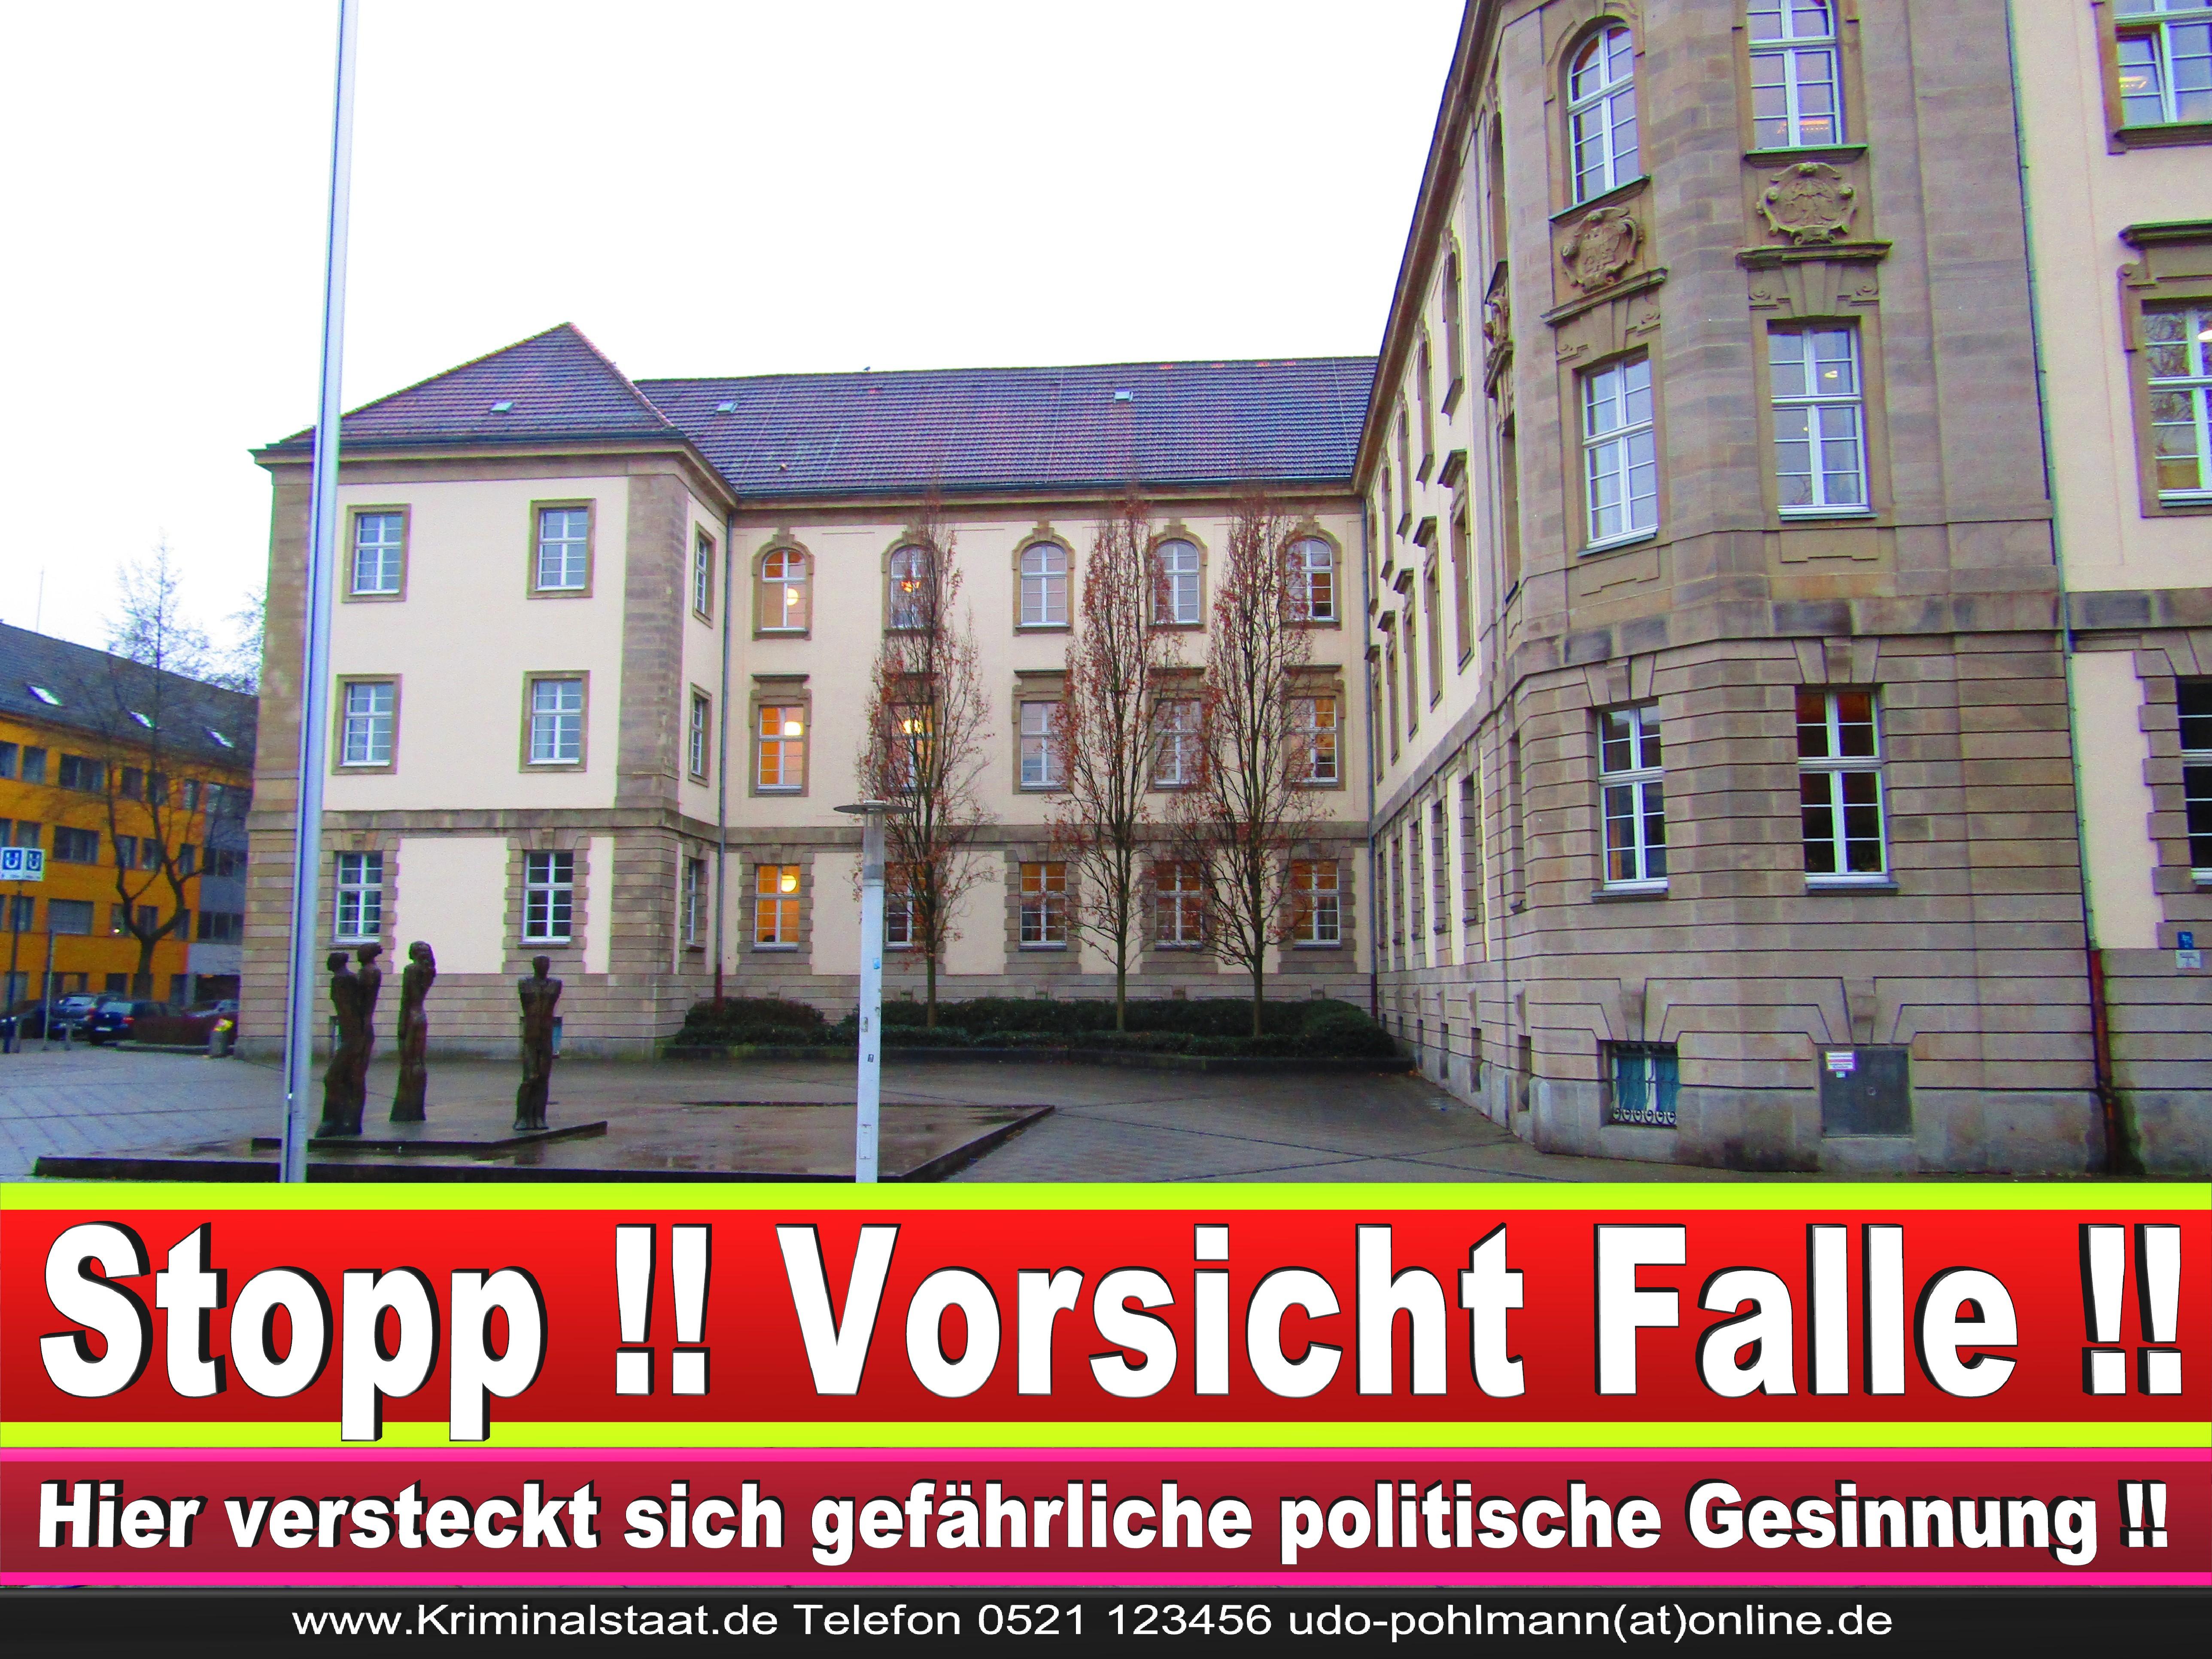 AMTSGERICHT DORTMUND RICHTER AUSBILDUNG PRAKTIKUM ANFAHRT URTEILE KORRUPTION POLIZEI ADRESSE DIREKTOR (15) 1 1